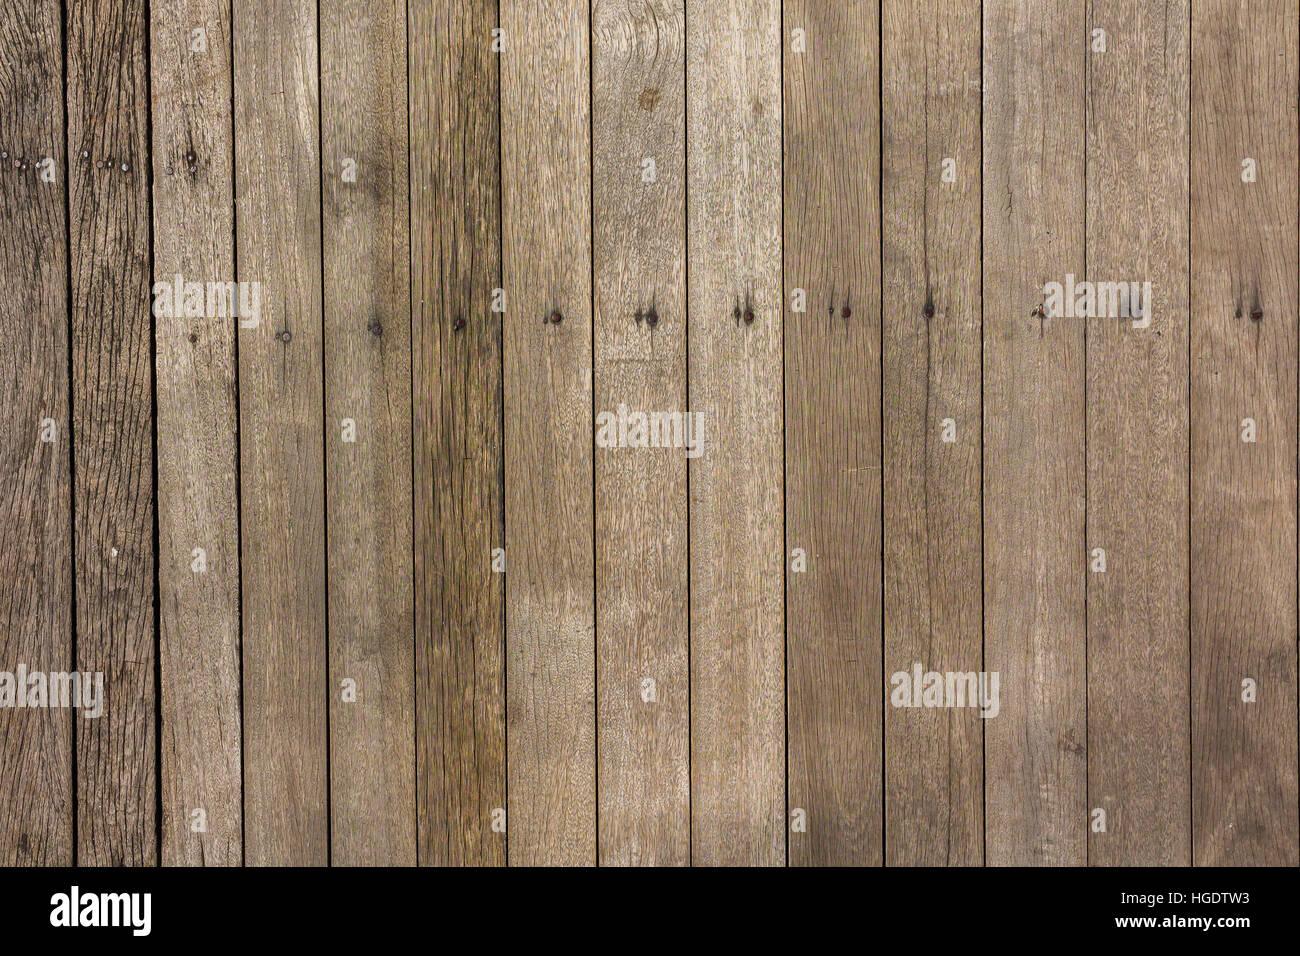 Vintage il legno vecchio texture vecchio asse di legno sfondo